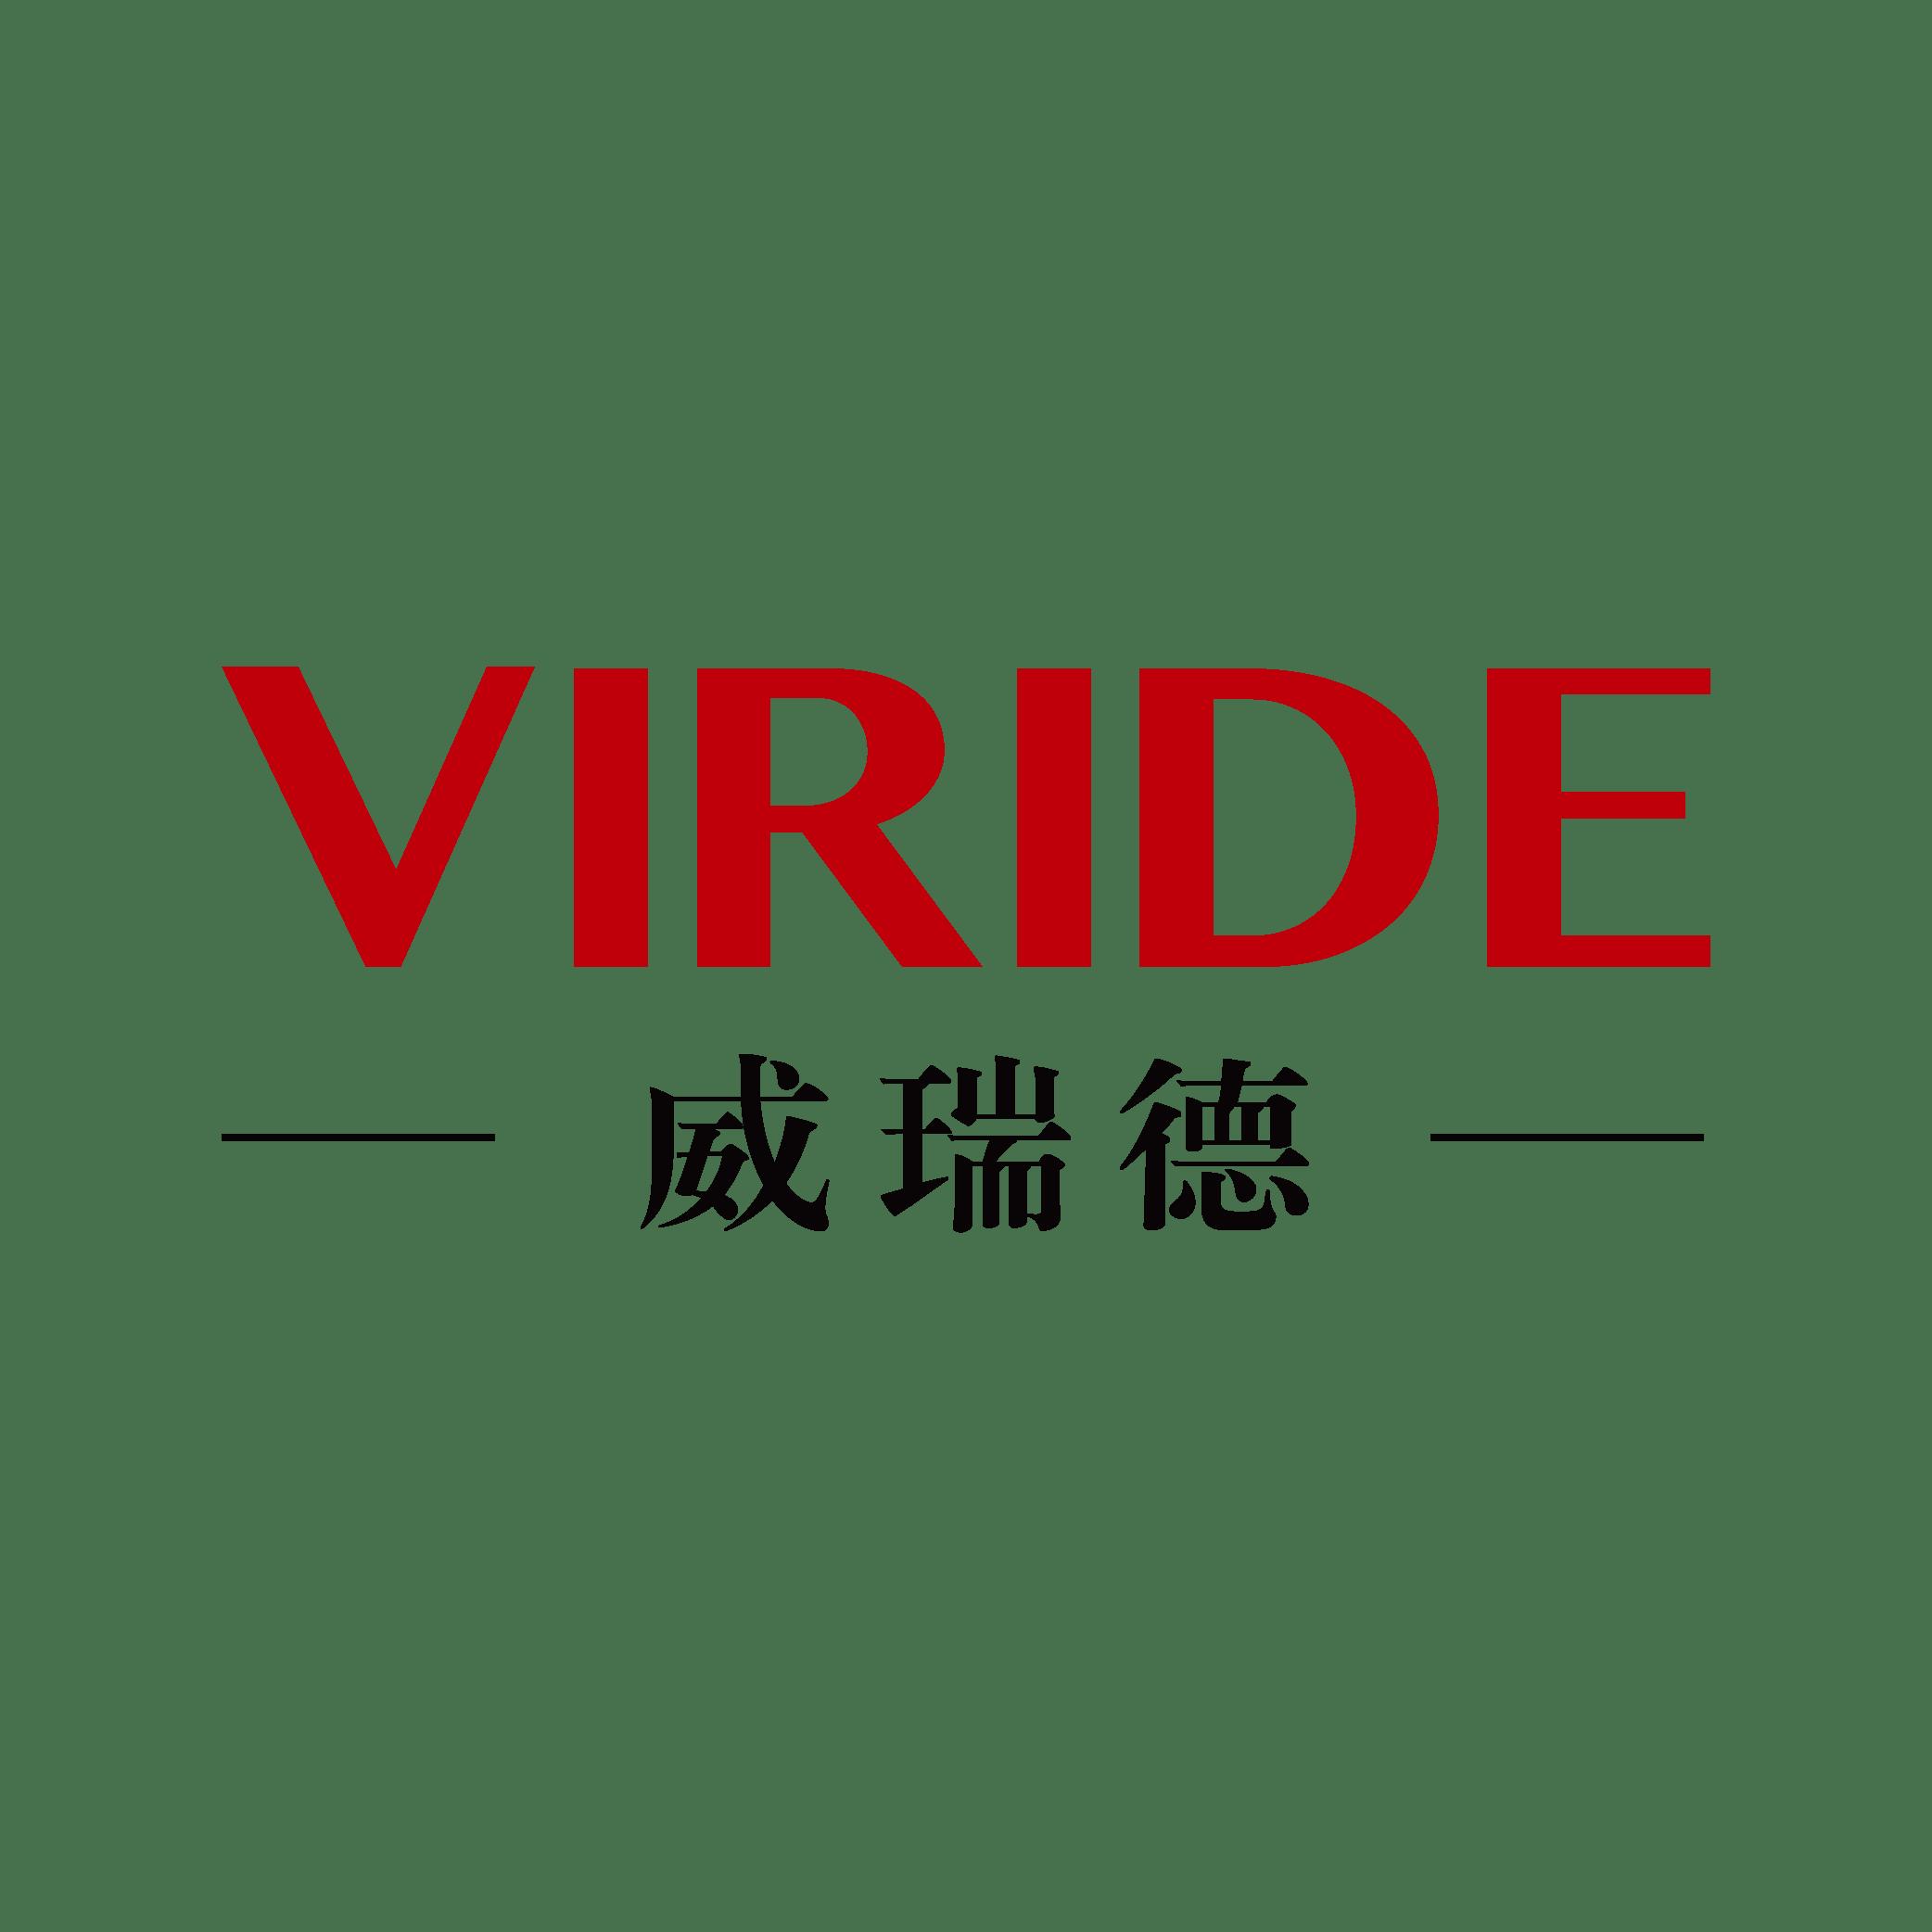 威瑞德环境科技(杭州)有限公司